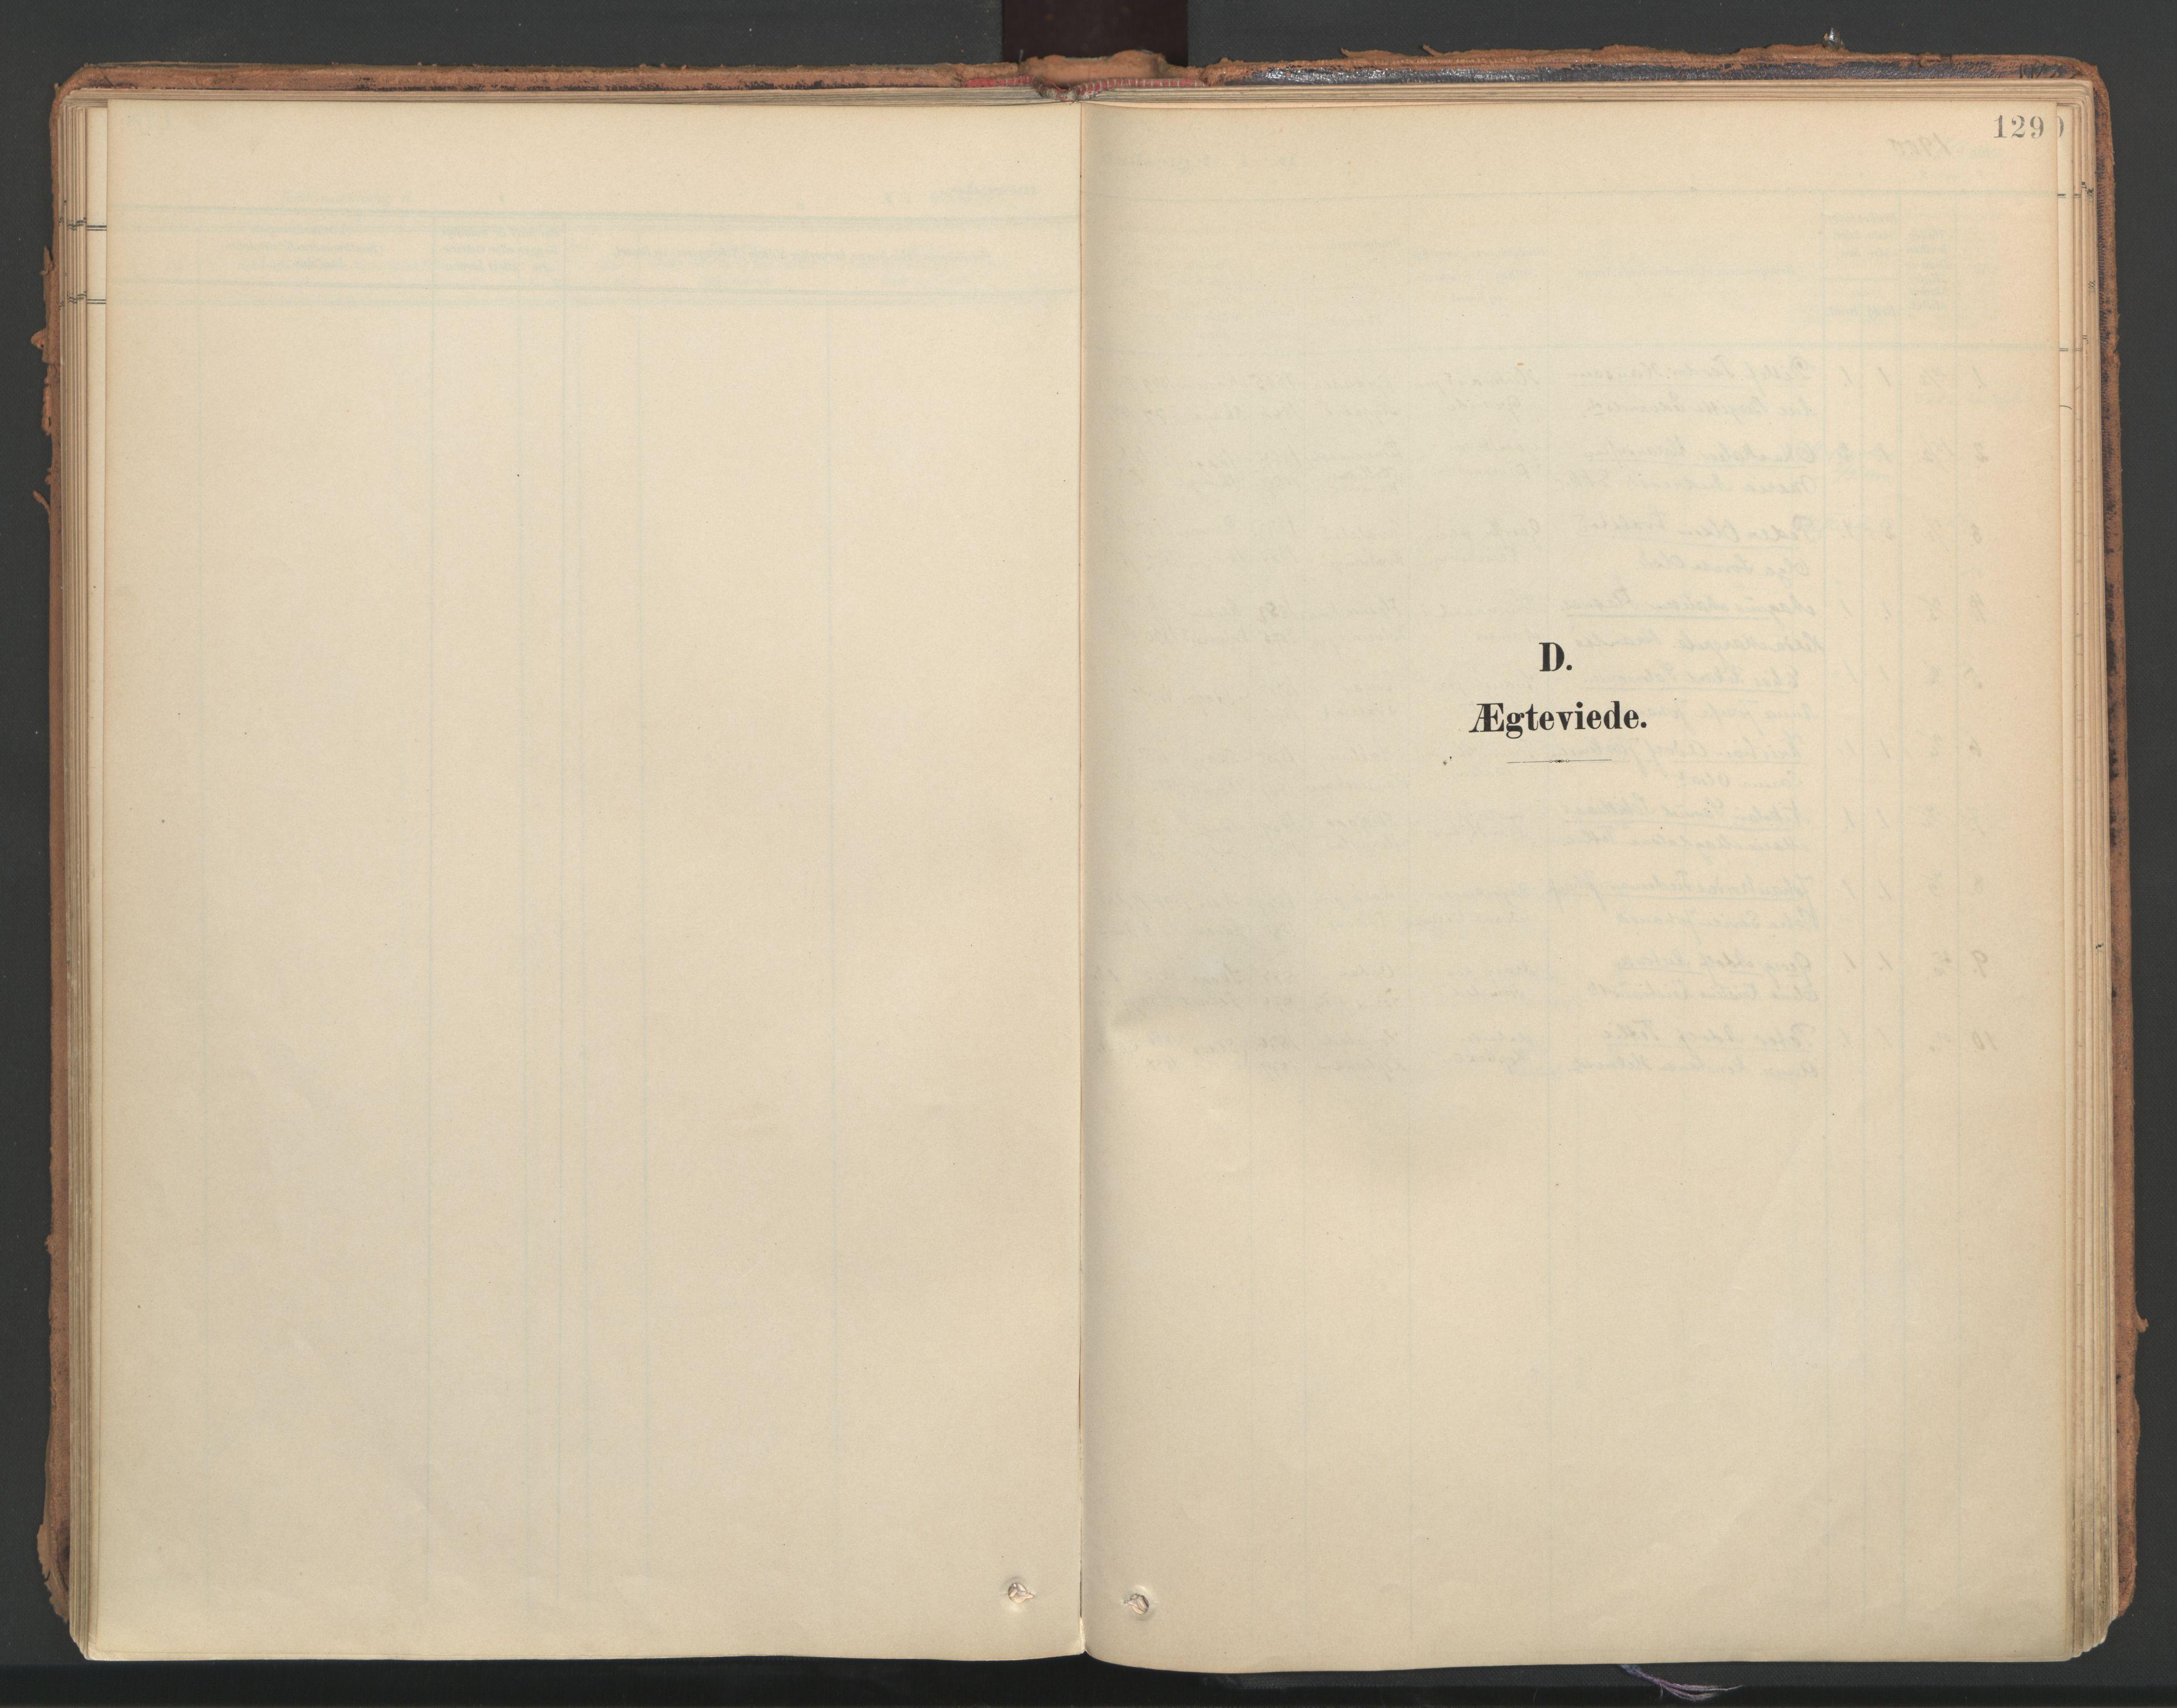 SAT, Ministerialprotokoller, klokkerbøker og fødselsregistre - Nord-Trøndelag, 766/L0564: Ministerialbok nr. 767A02, 1900-1932, s. 129